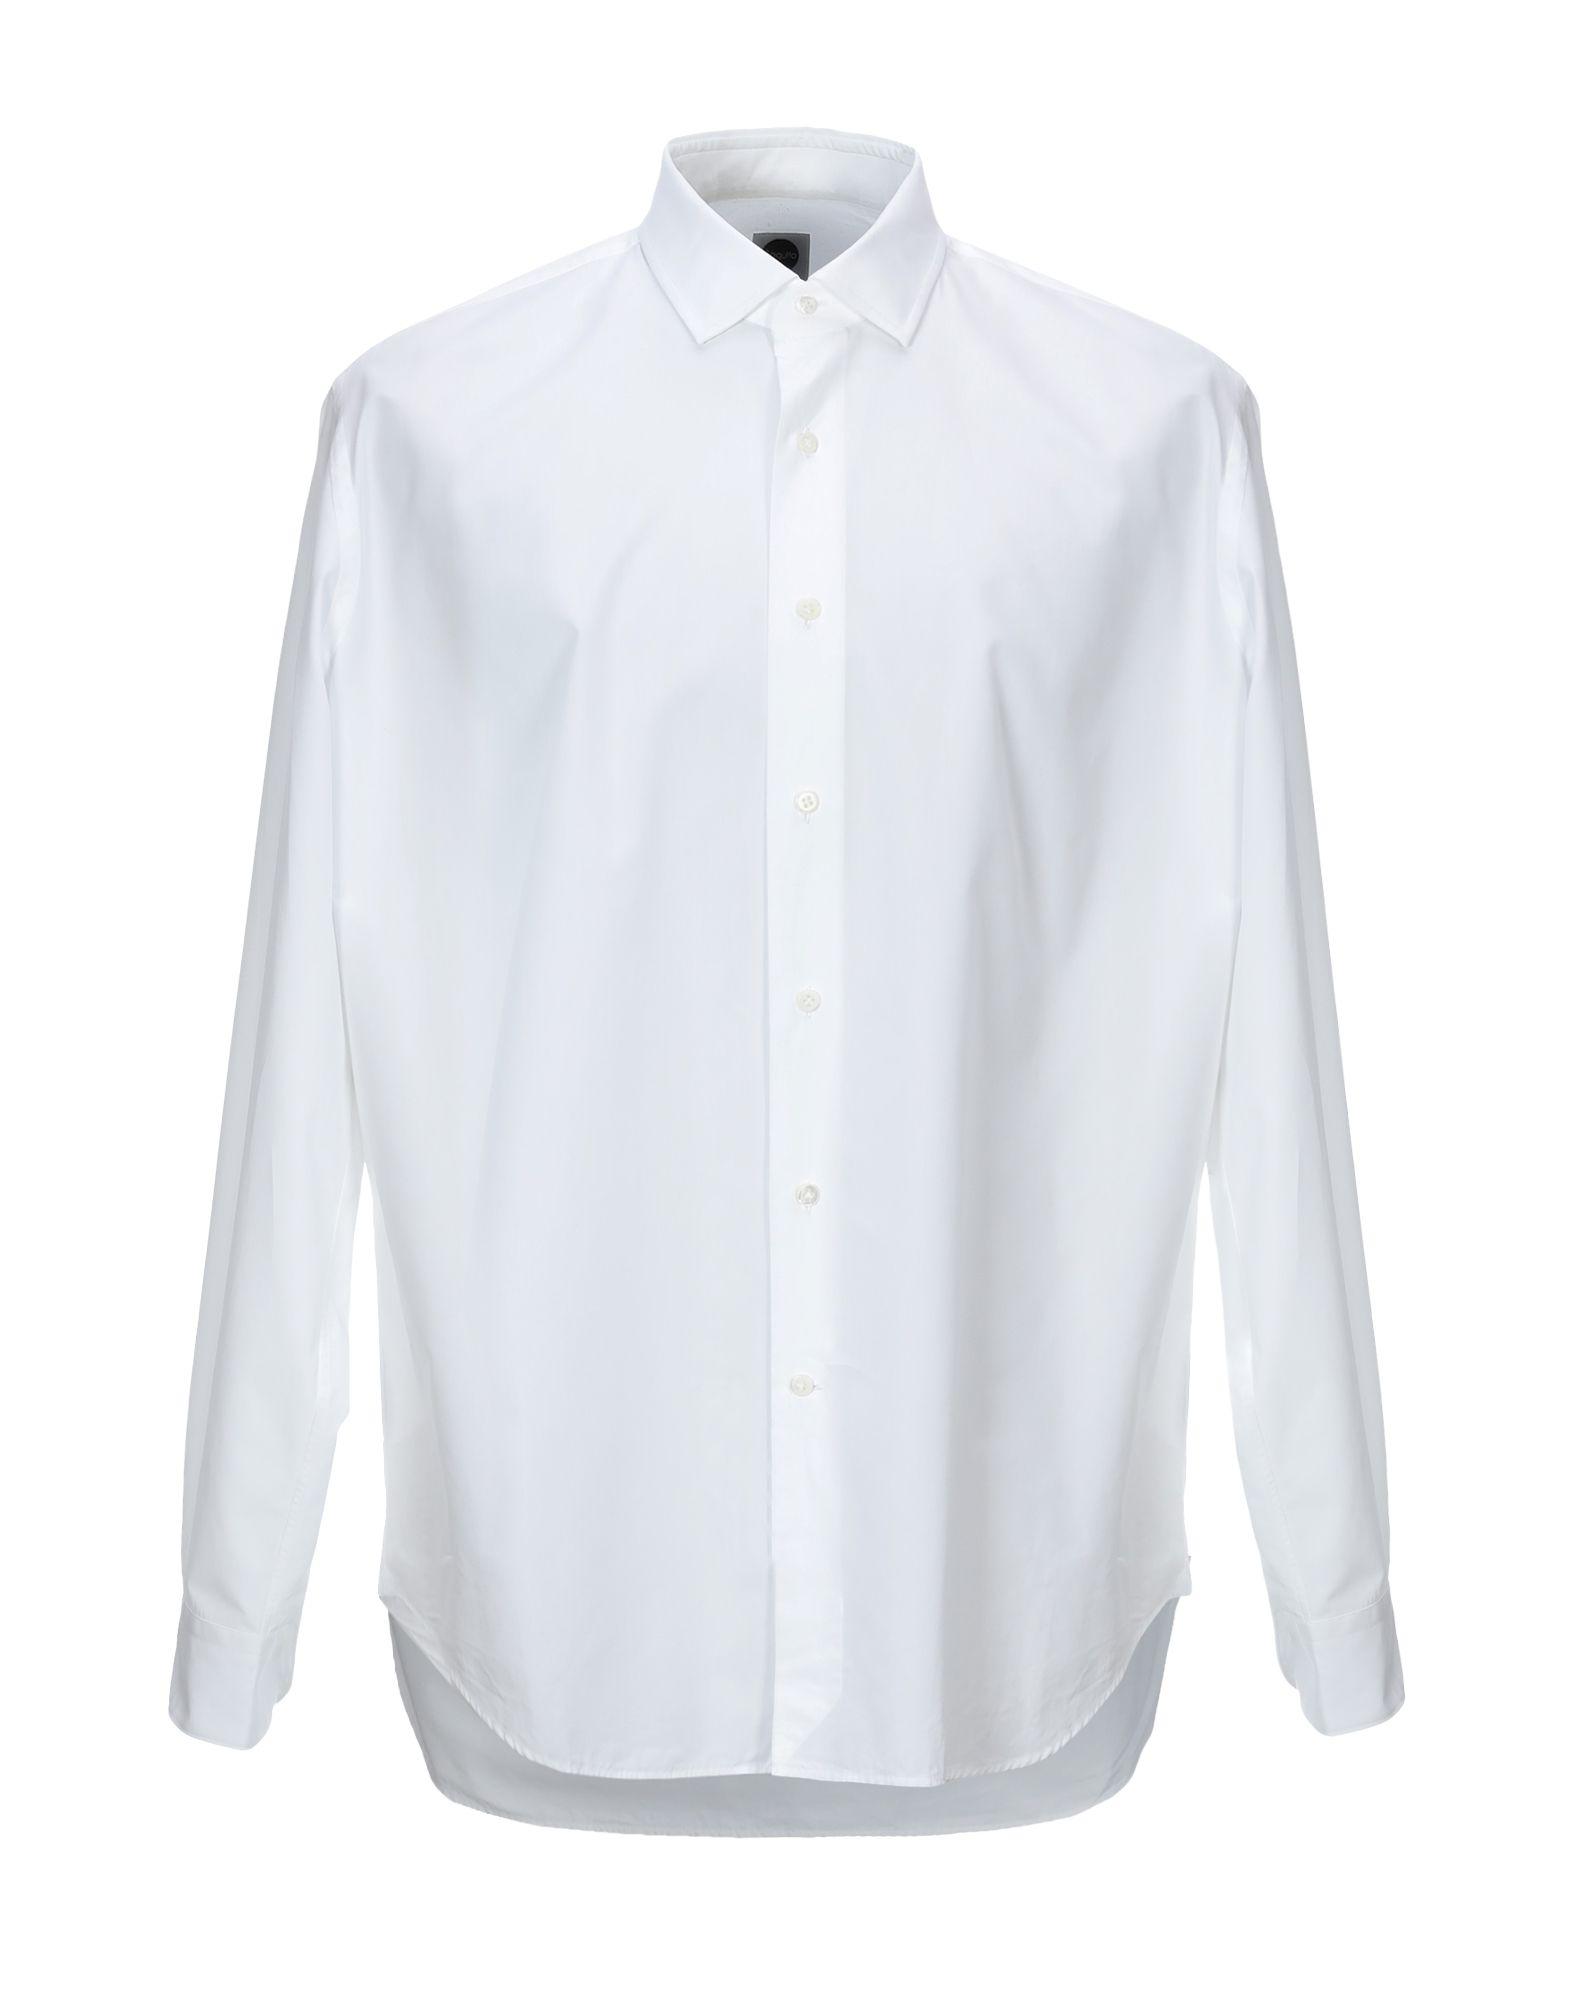 《送料無料》BAGUTTA メンズ シャツ ホワイト 44 コットン 100%